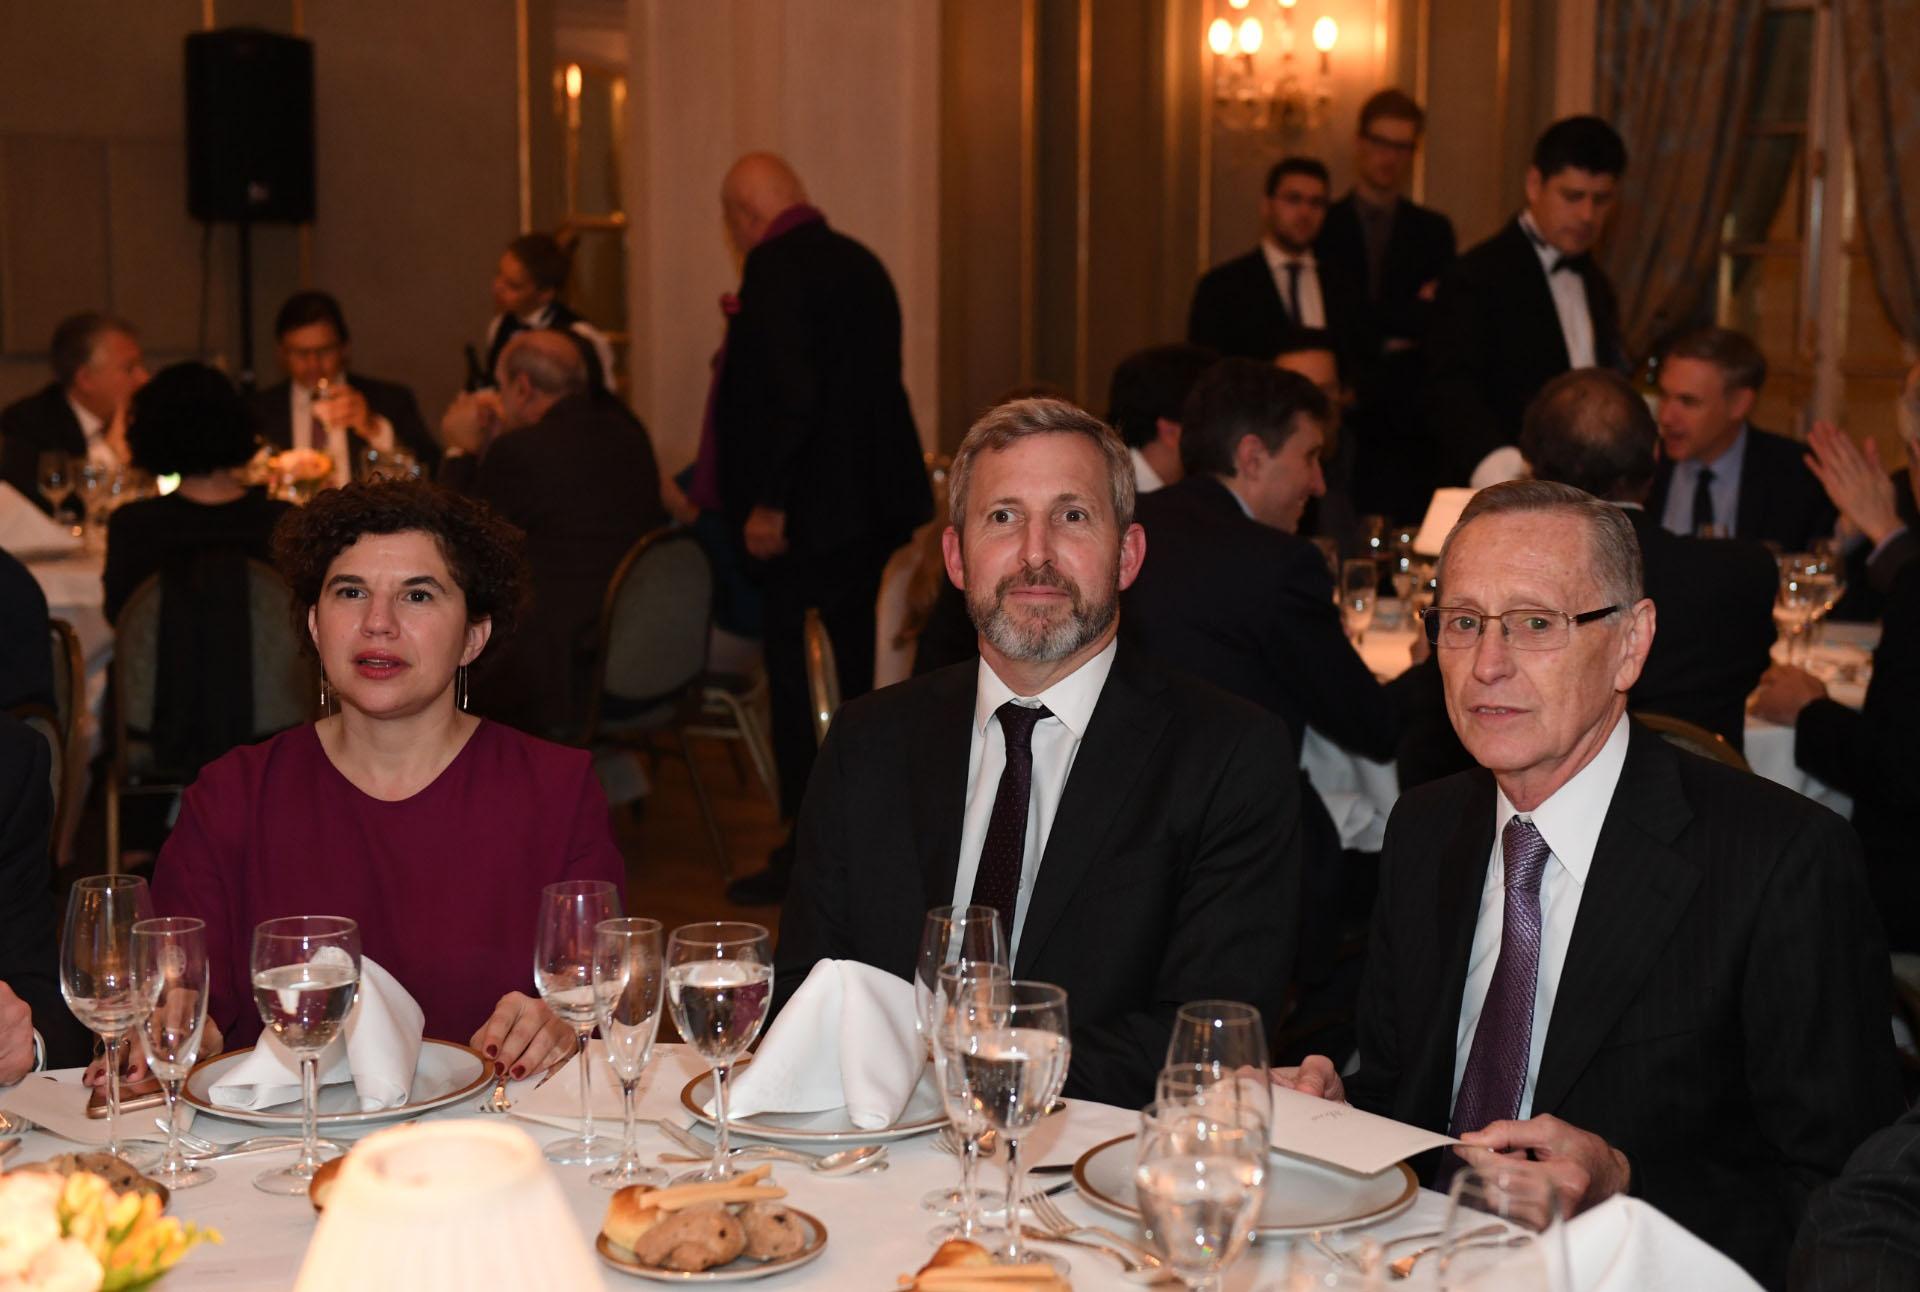 El ministro Rogelio Frigerio, invitado especial a la cena del T20. Aquí, junto a Julia Pomares, directora ejecutiva del CIPPEC, y Adalberto Rodríguez Giavarini, presidente del CARI. (Maximiliano Luna)